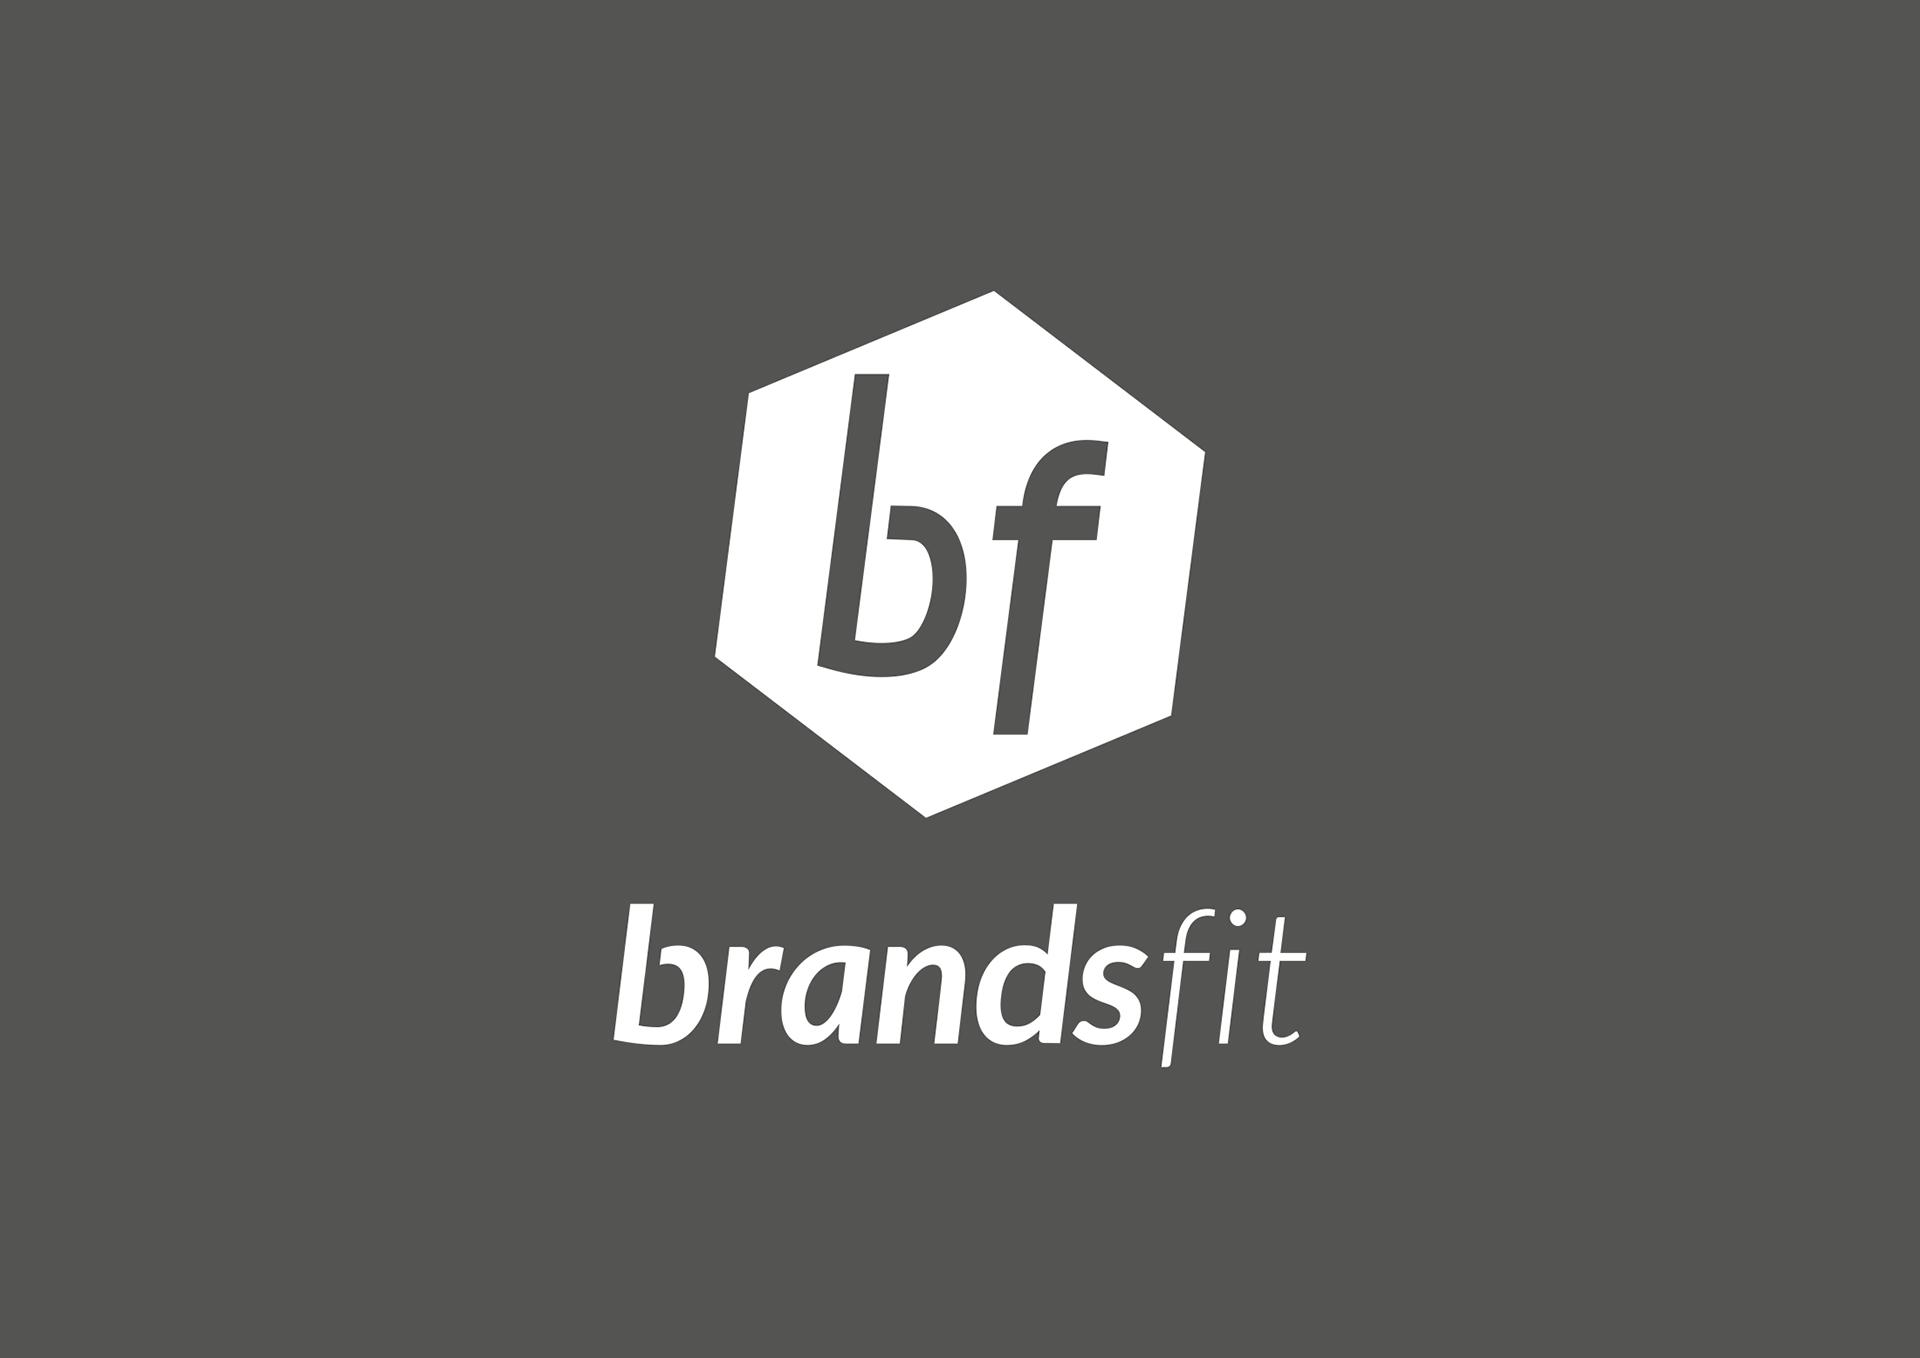 Brandsfit logo in white on black